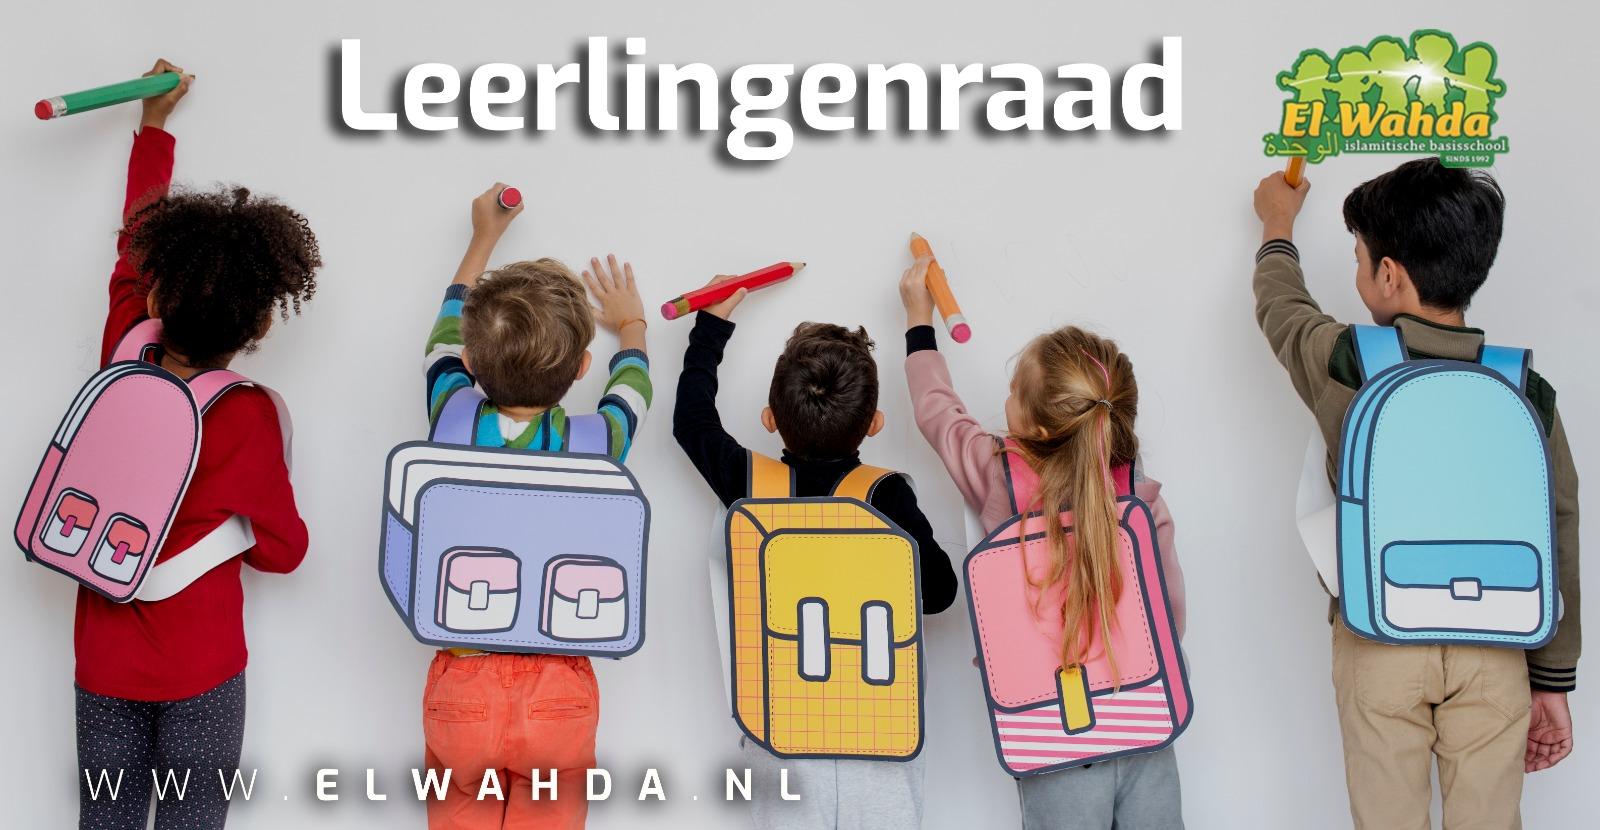 Leerlingenraad el Wahda Heerlen